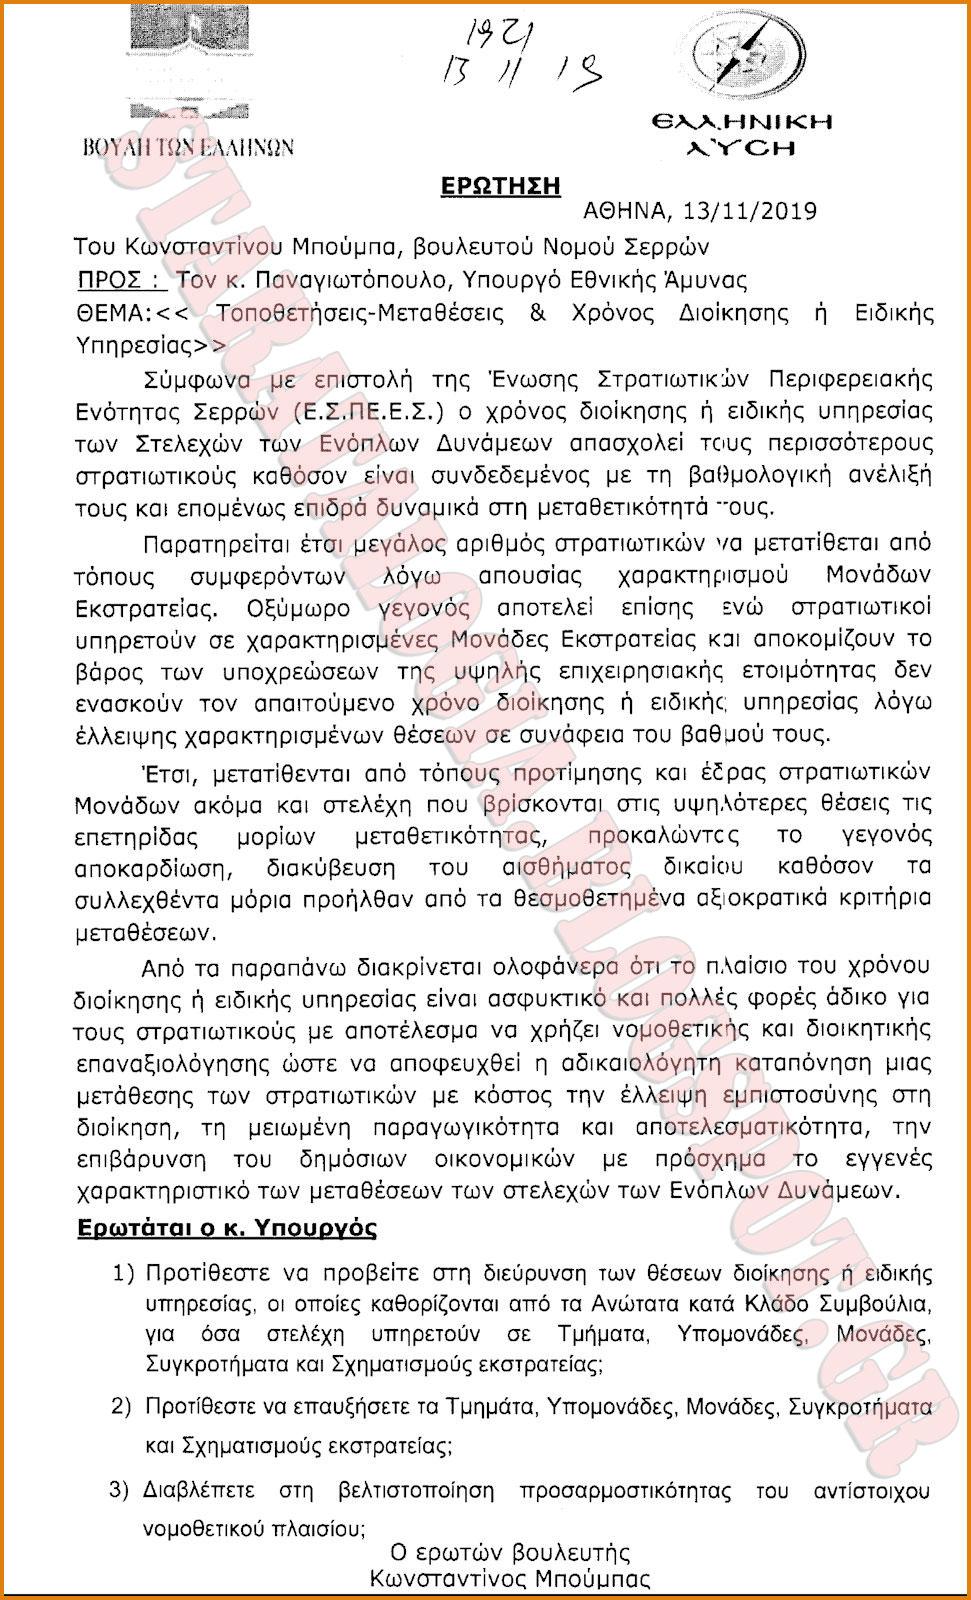 Τοποθετήσεις-Μεταθέσεις και Χρόνος Διοίκησης ή Ειδικής Υπηρεσίας Στρατιωτικών (ΕΓΓΡΑΦΟ) - Φωτογραφία 2